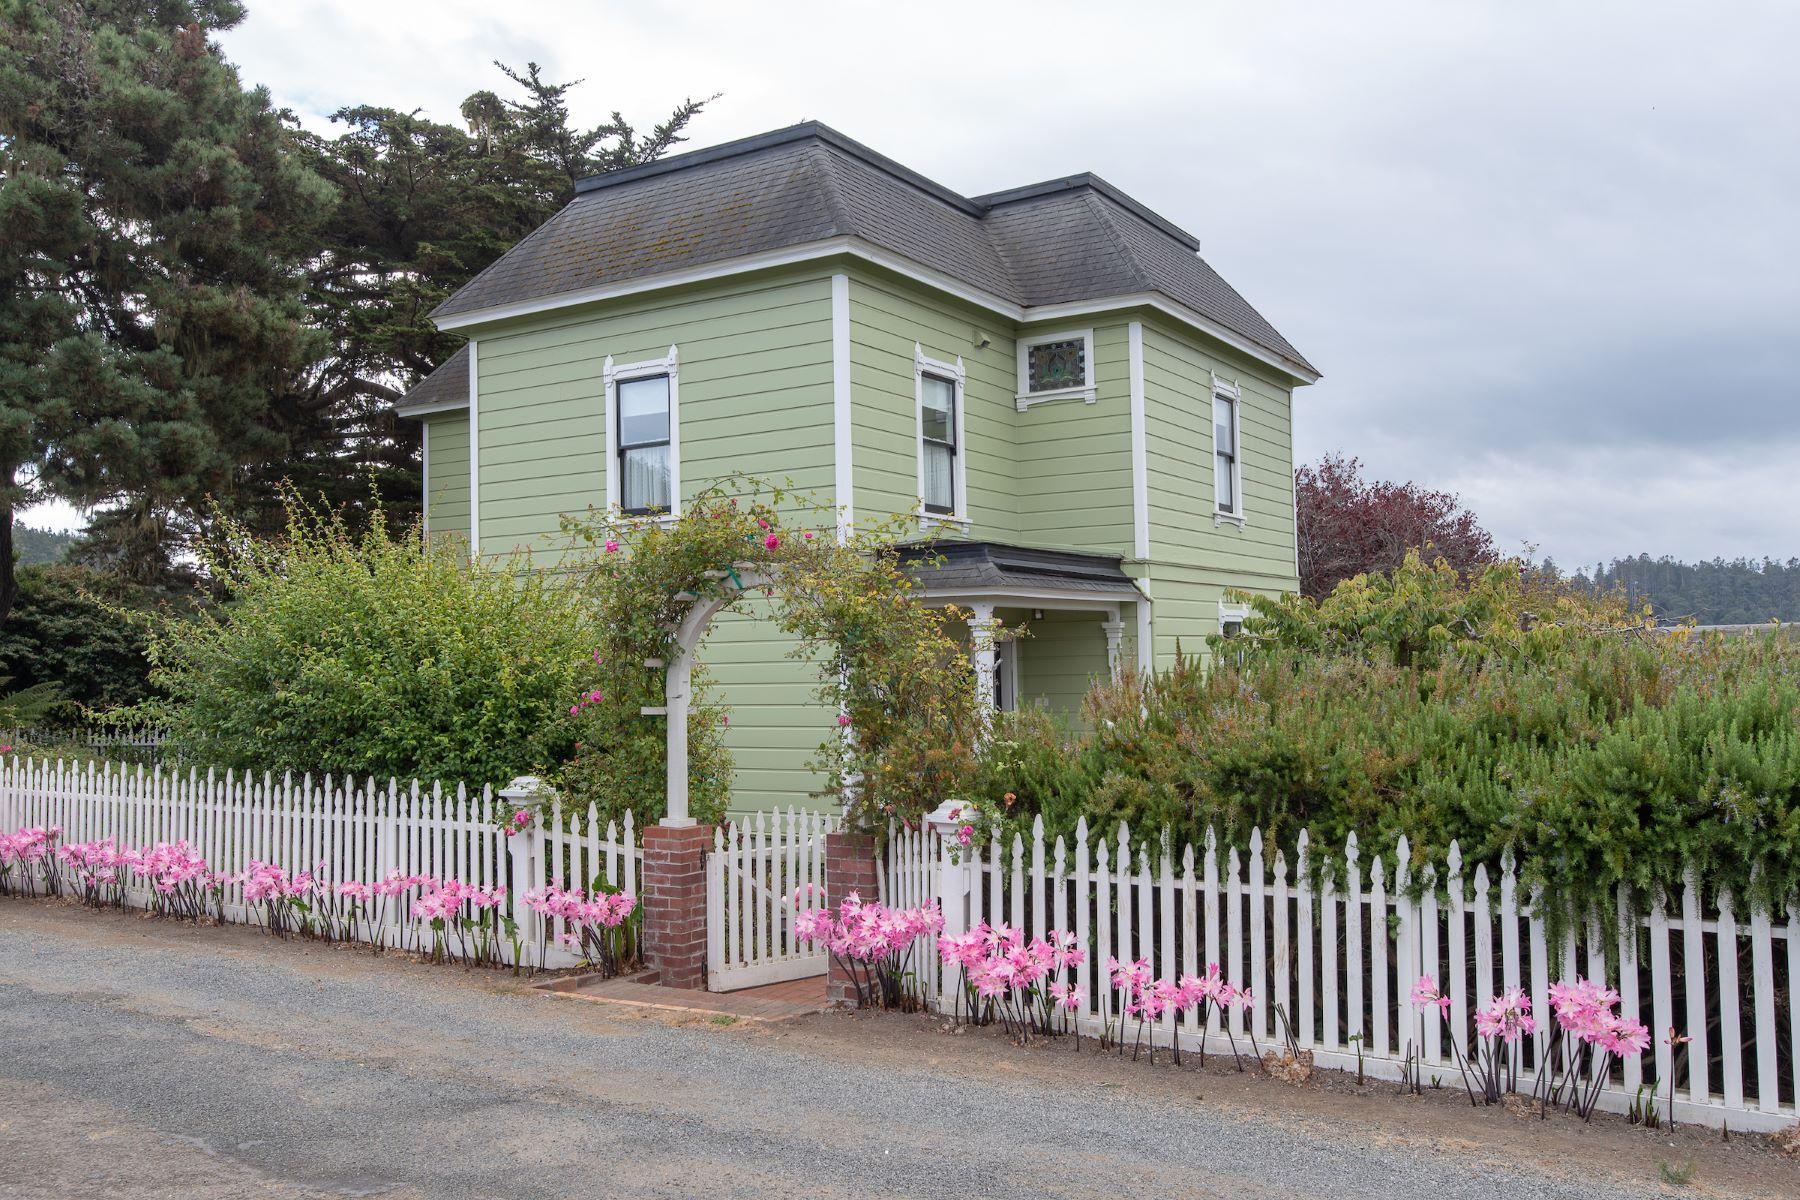 独户住宅 为 销售 在 Village Elegance 44901 Pine Street Mendocino, 加利福尼亚州 95460 美国